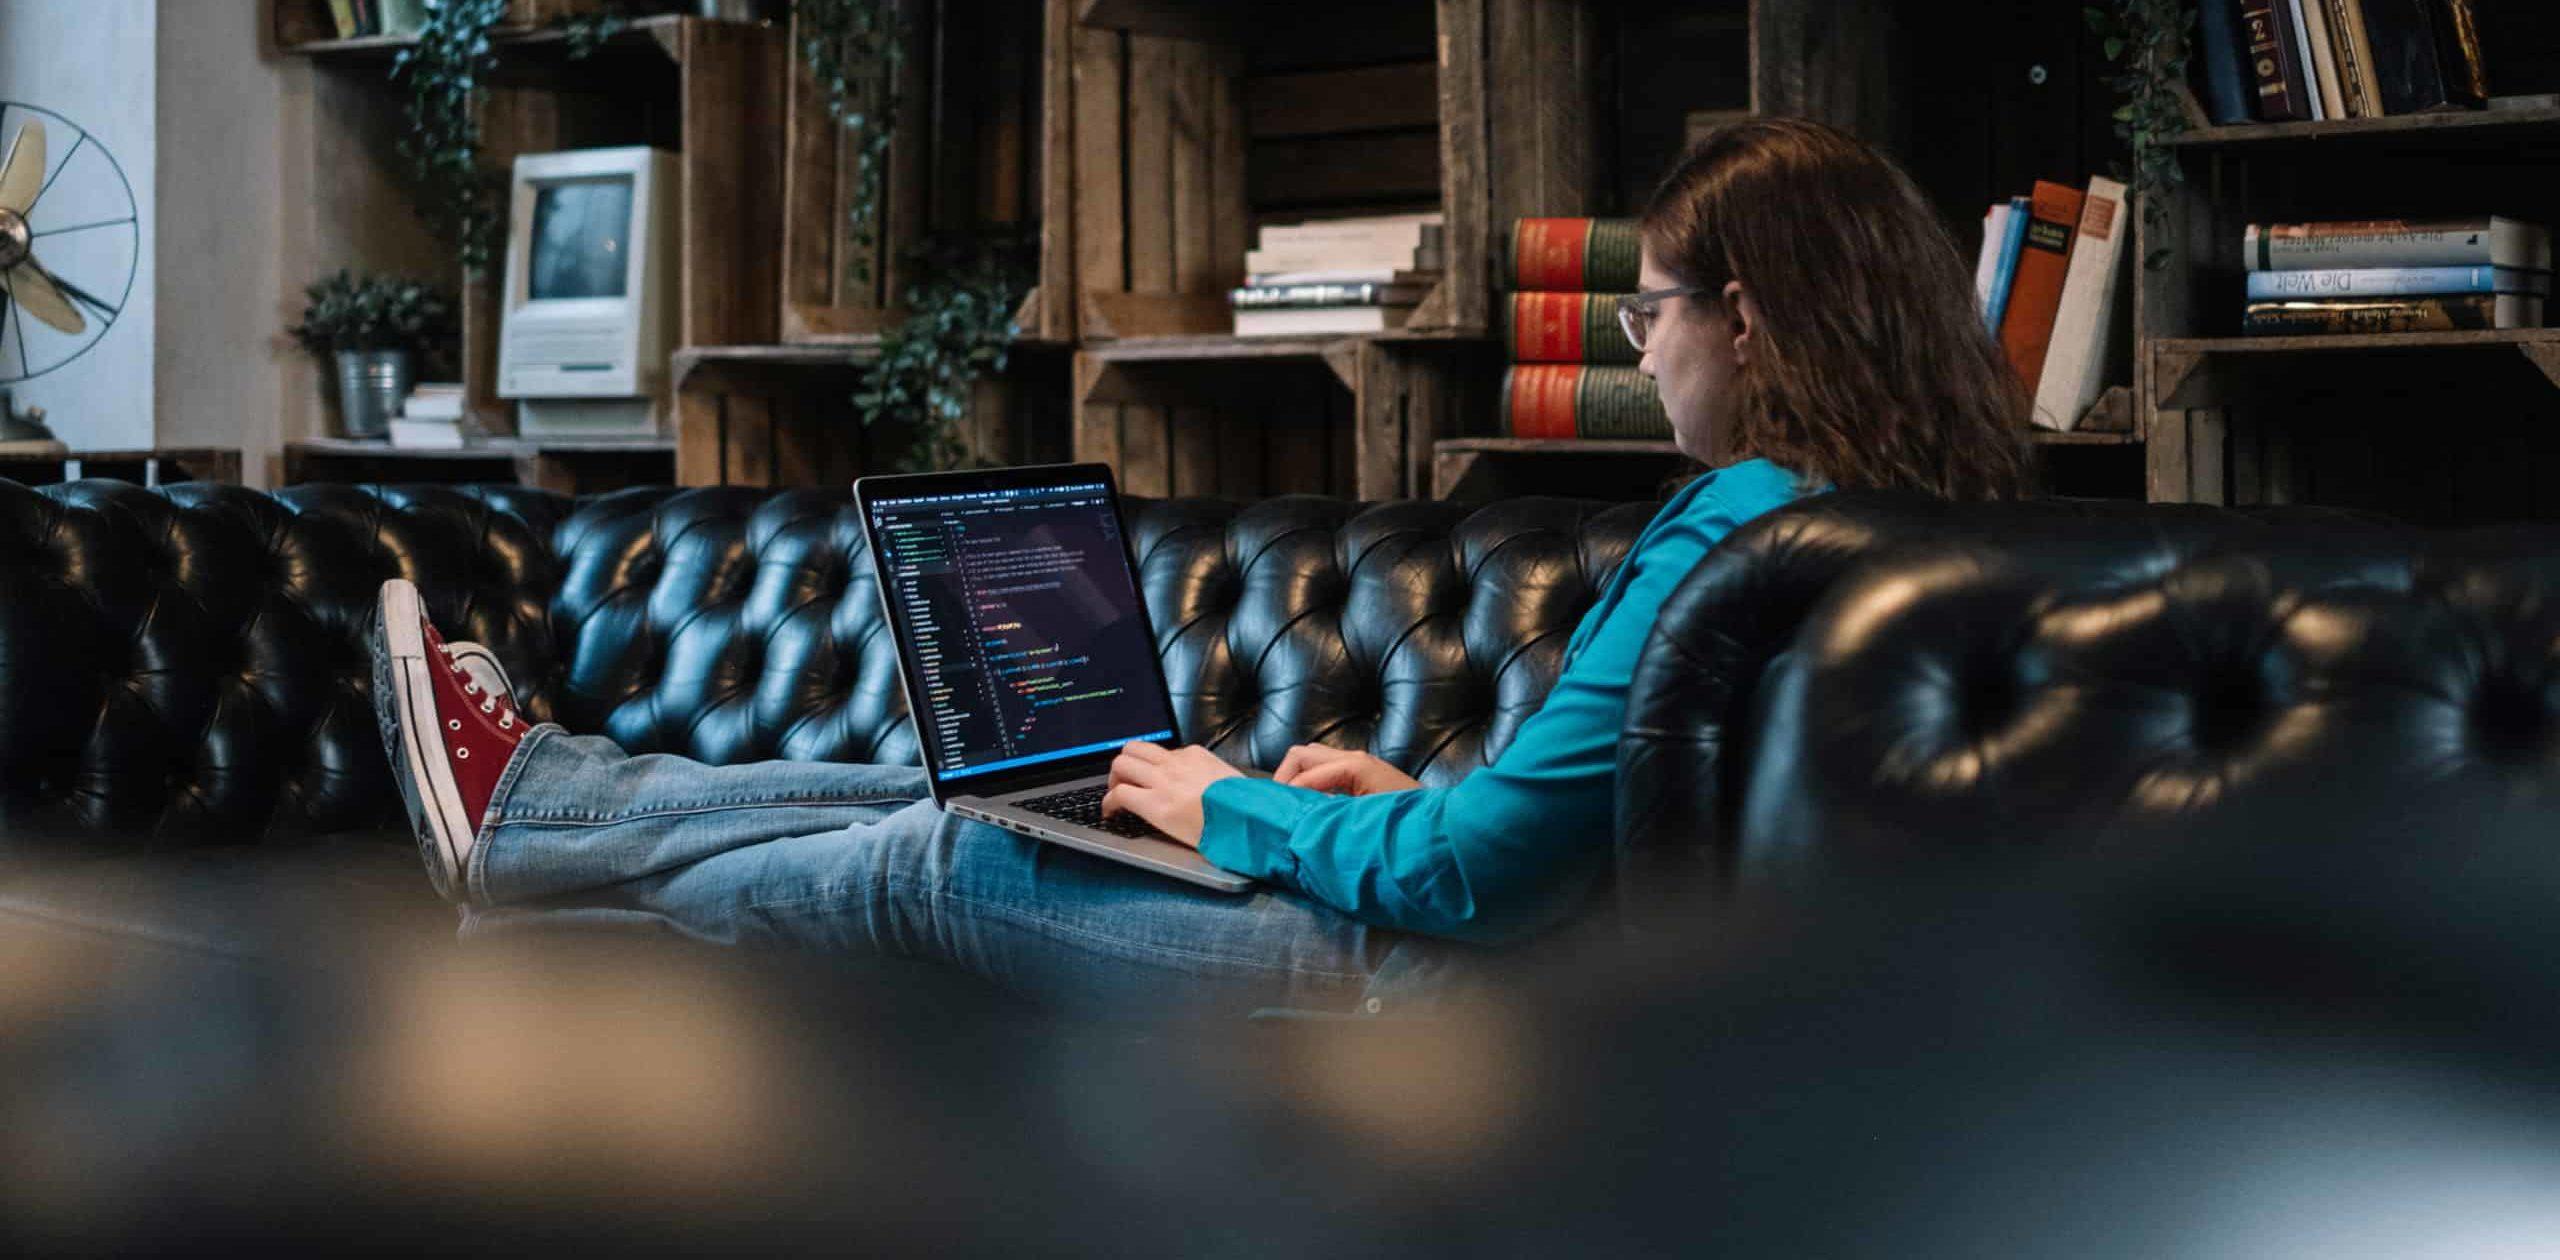 Jessica sitzt auf einem schwarzen Sofa und programmiert auf ihrem MacBook.